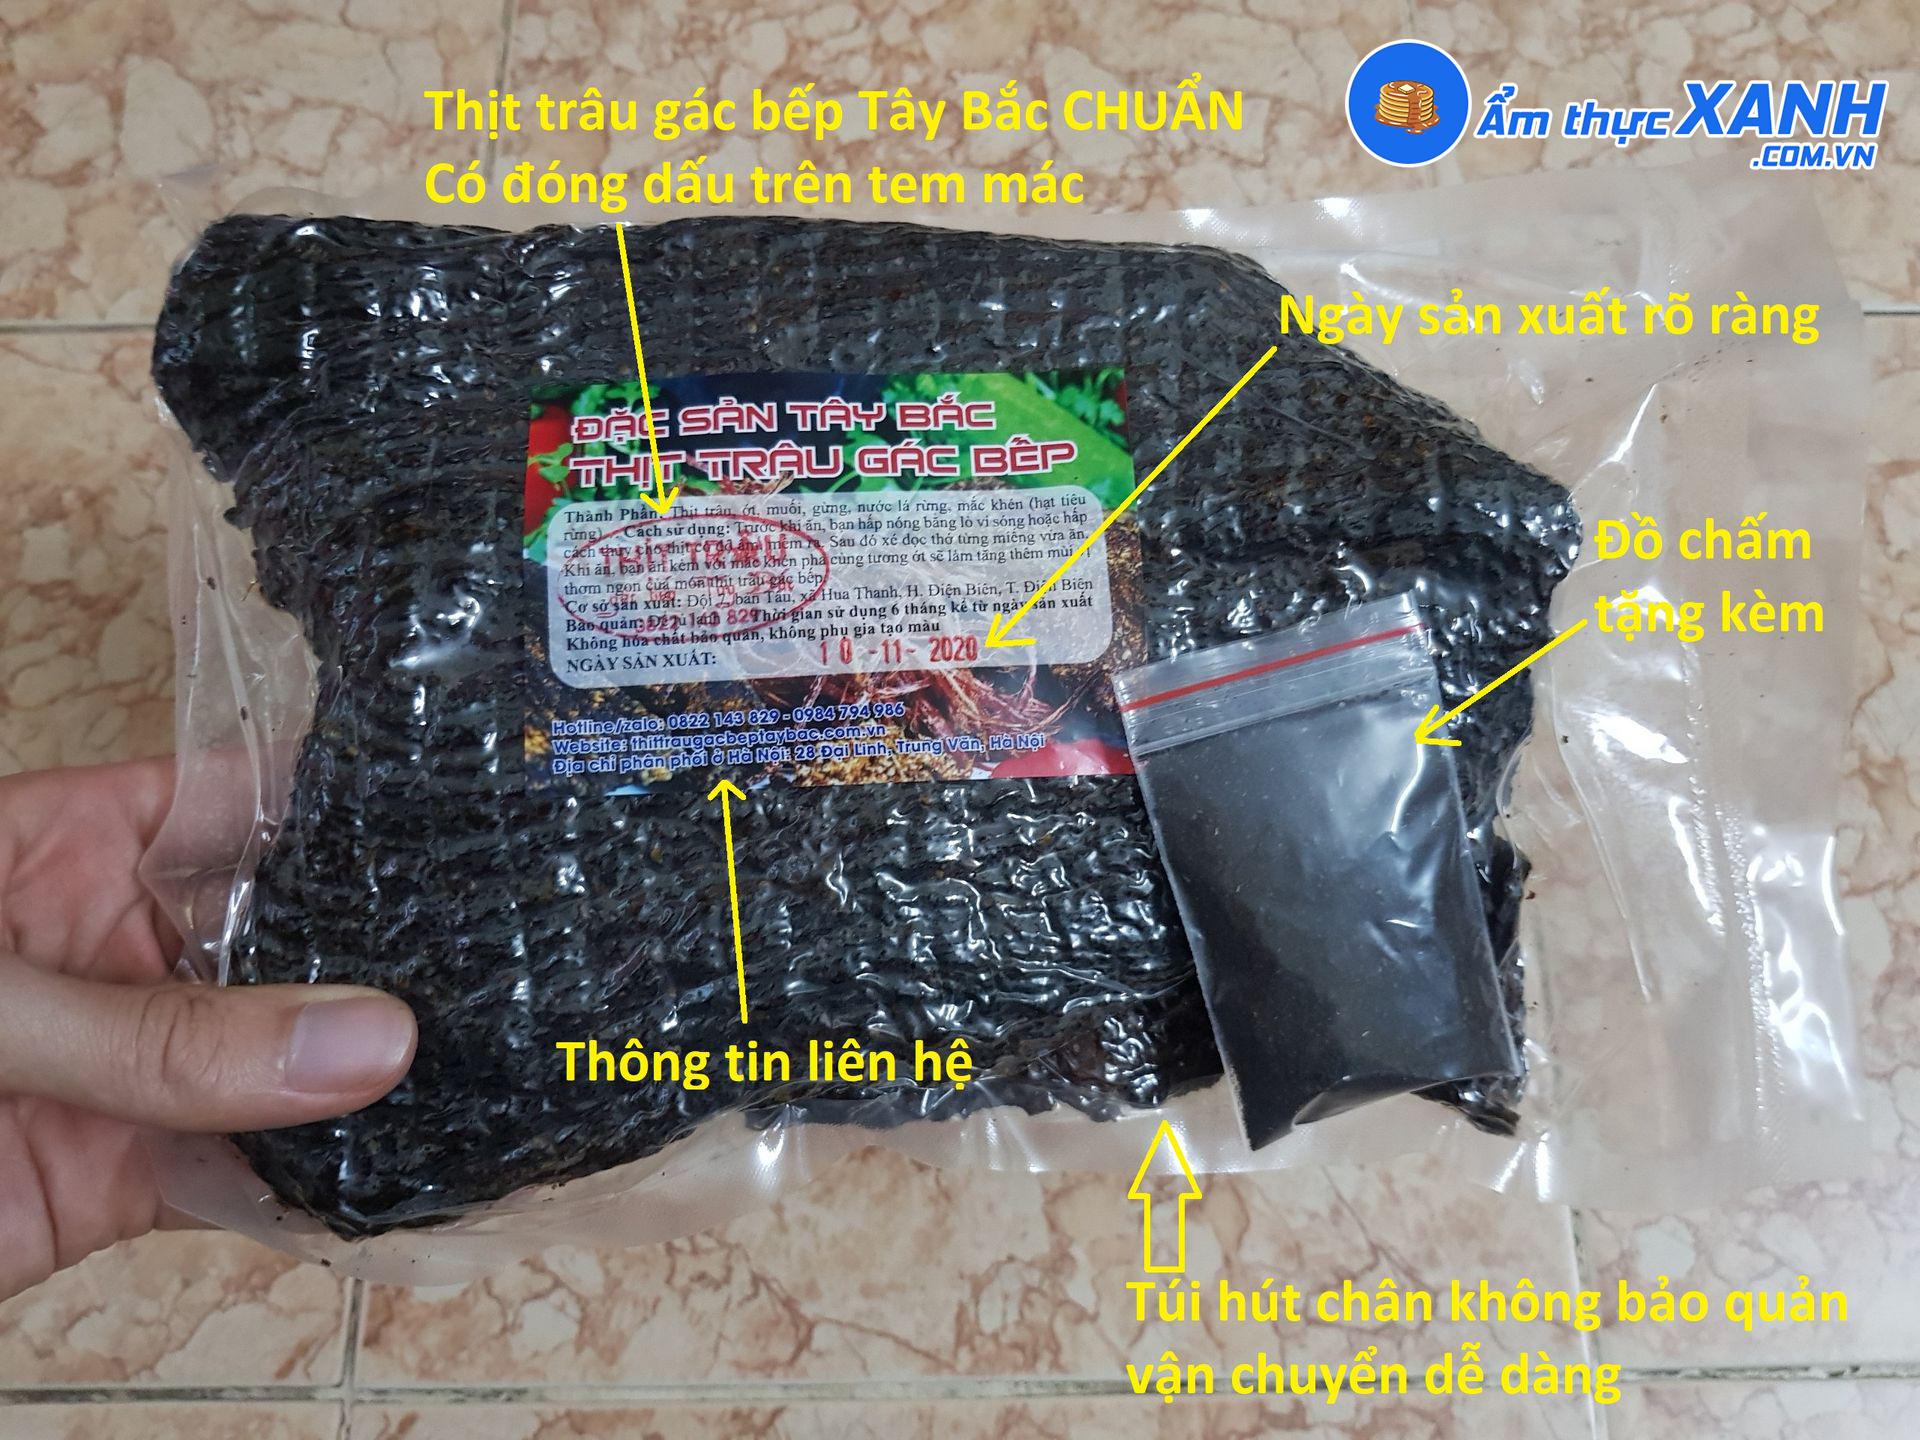 Túi thịt trâu gác bếp có tem ghi rõ nguồn gốc và hạn dùng của sản phẩm